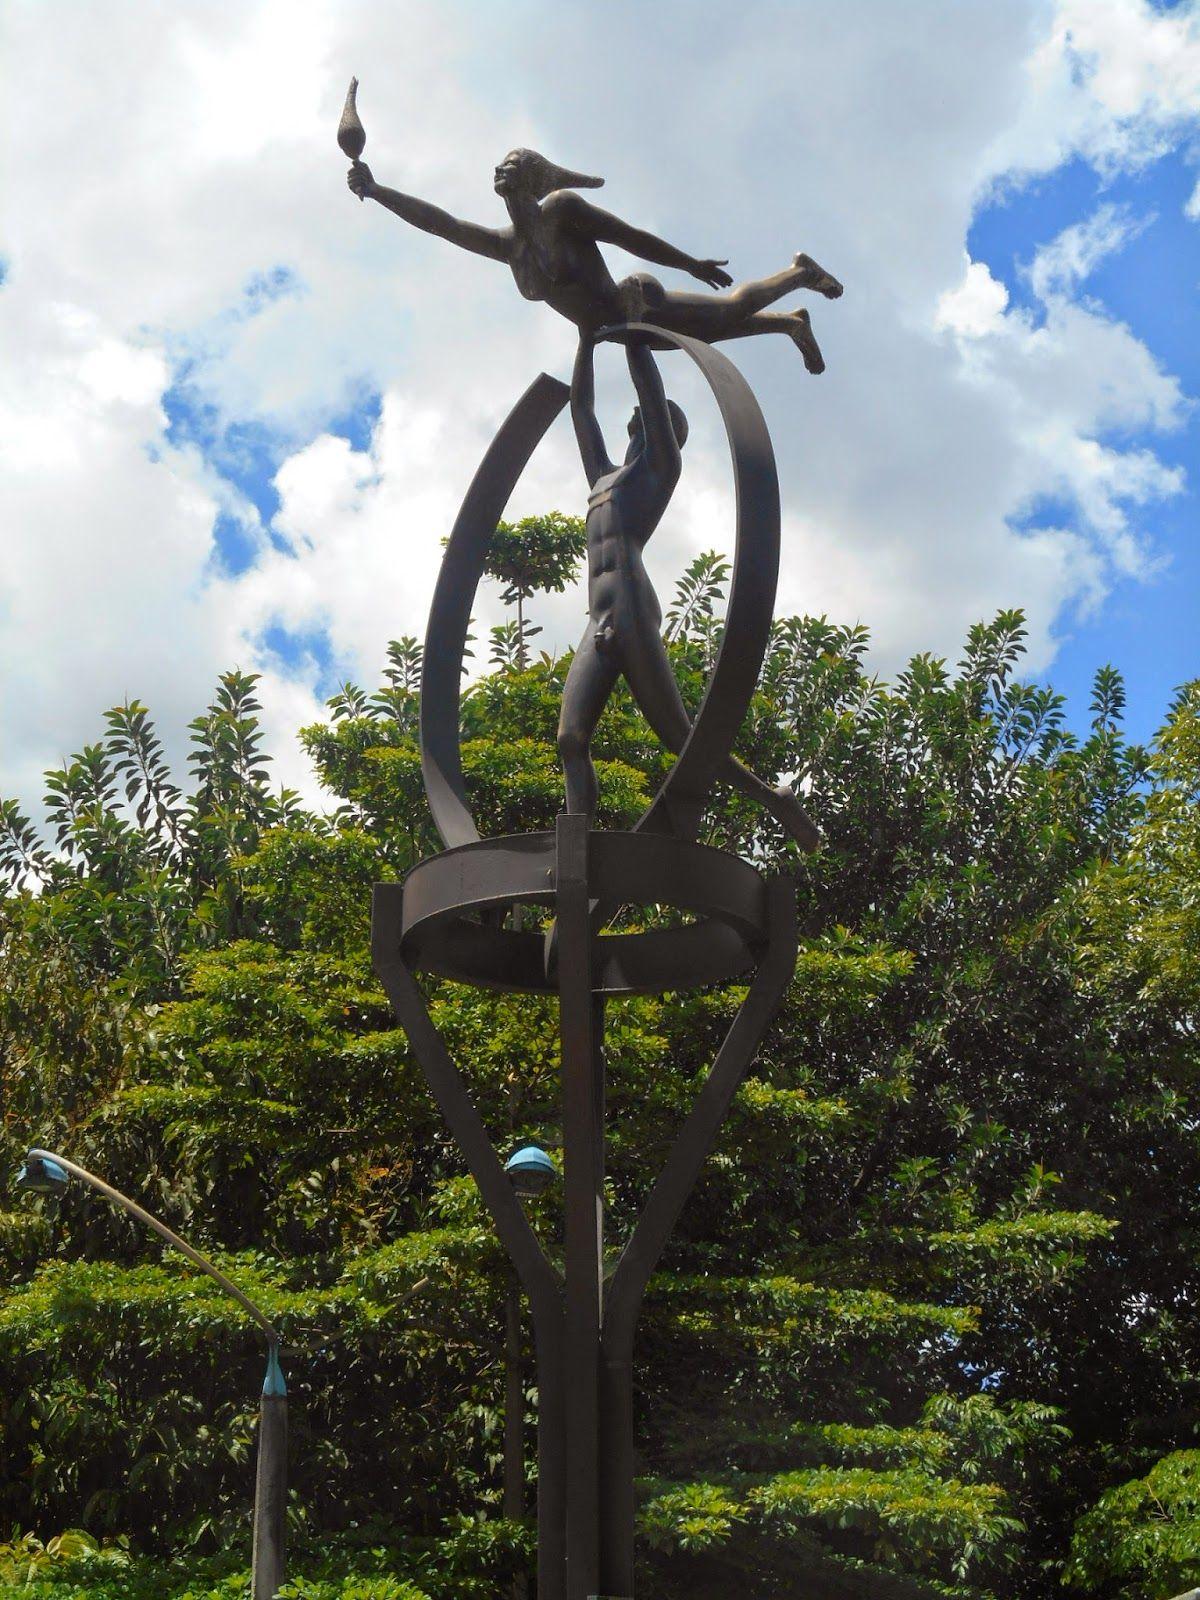 Monumento al deporte Autor: Fannor Hernández Material: Fundición de hierro y bronce Ubicación: Carrera 70 x calle 43 D 2003. Esculturas de Colombia: septiembre 2014